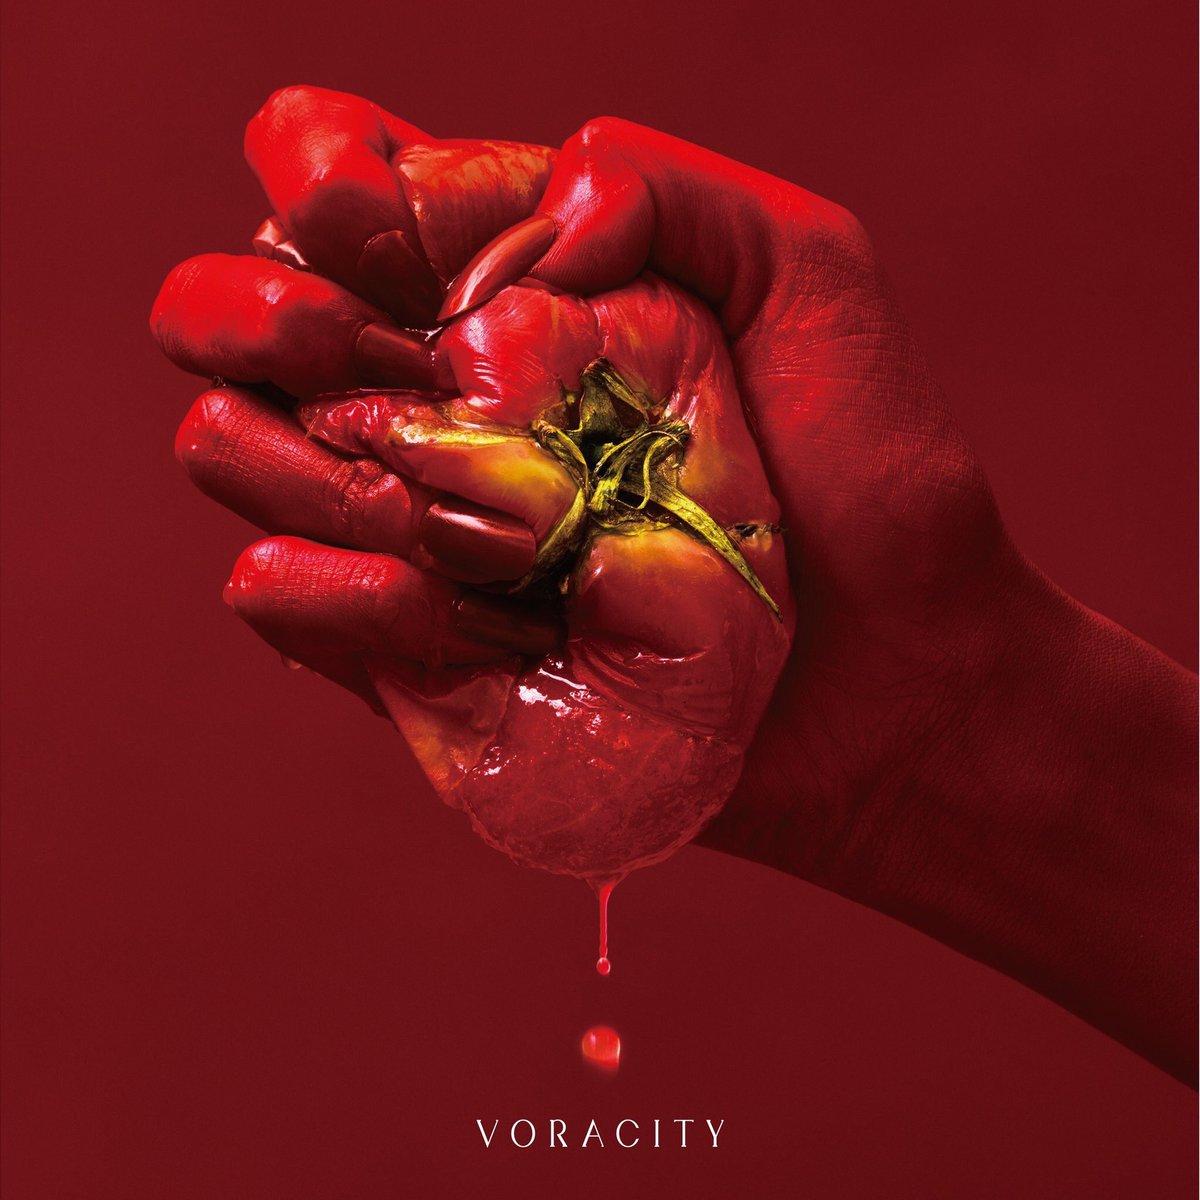 オーバーロードIII オープニングテーマ VORACITY に関する画像1